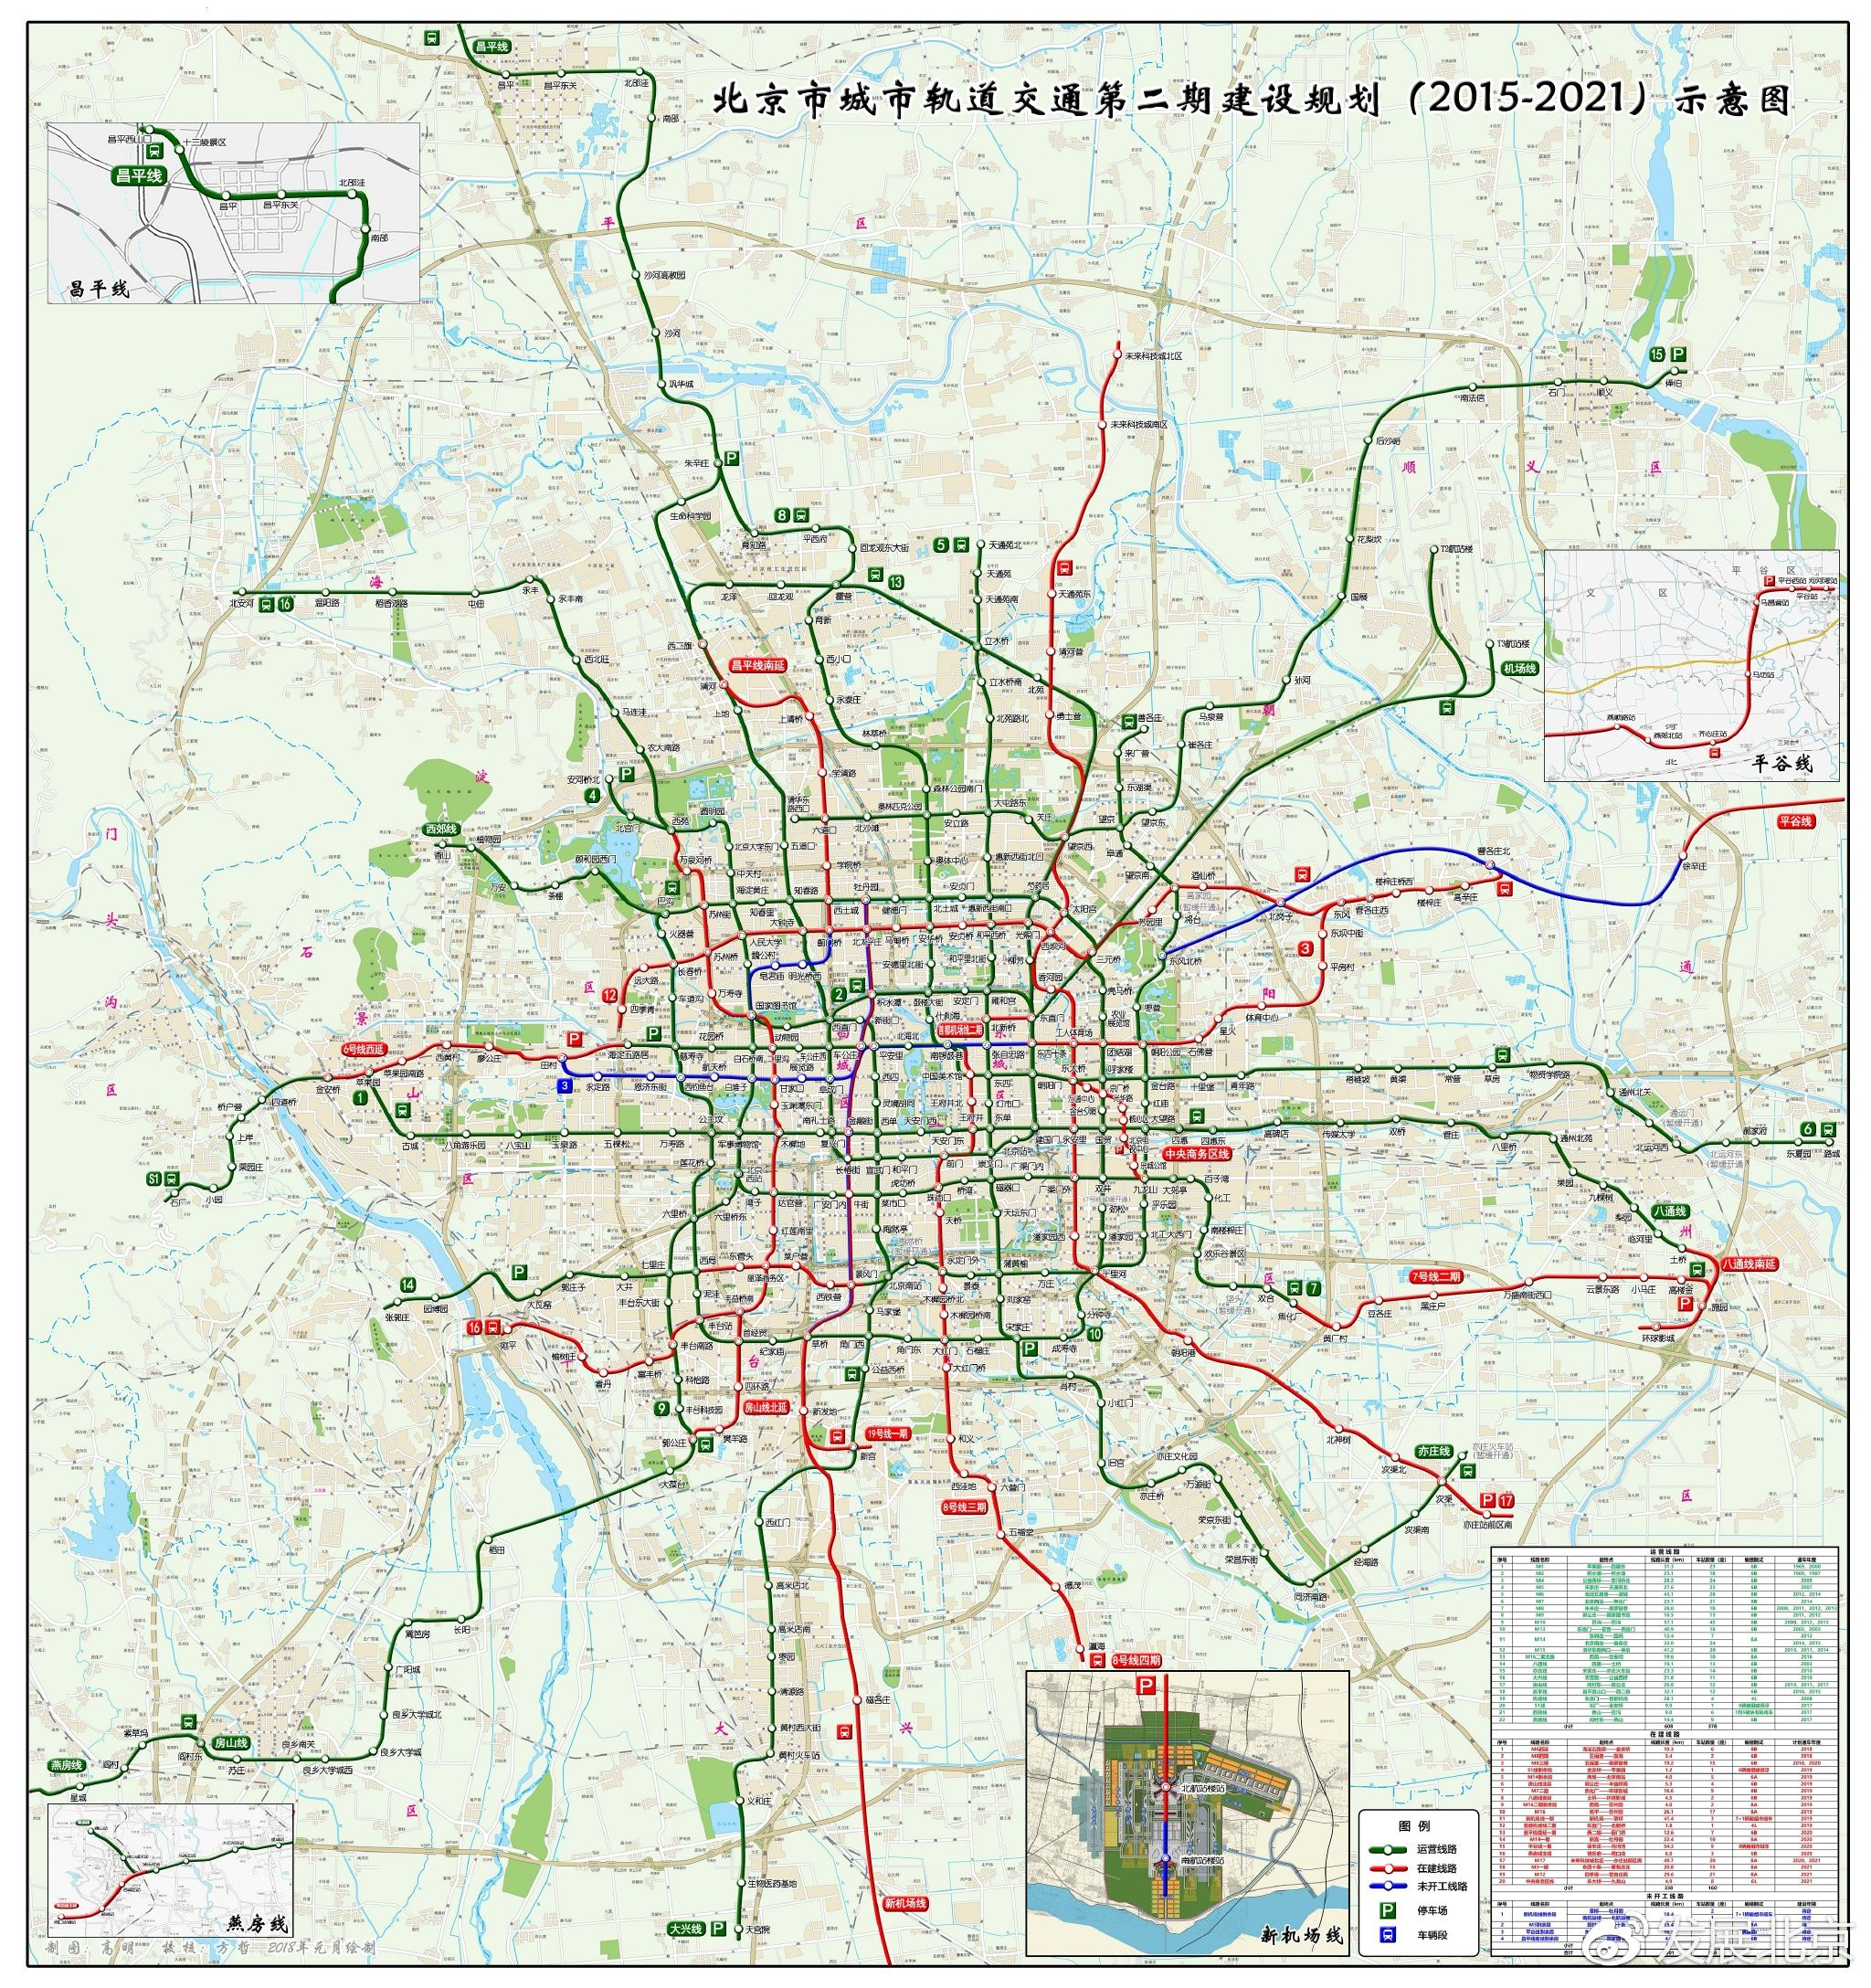 北京市城市轨道交通第二期建设规划(2015-2021年)示意图(可放大查看)图片